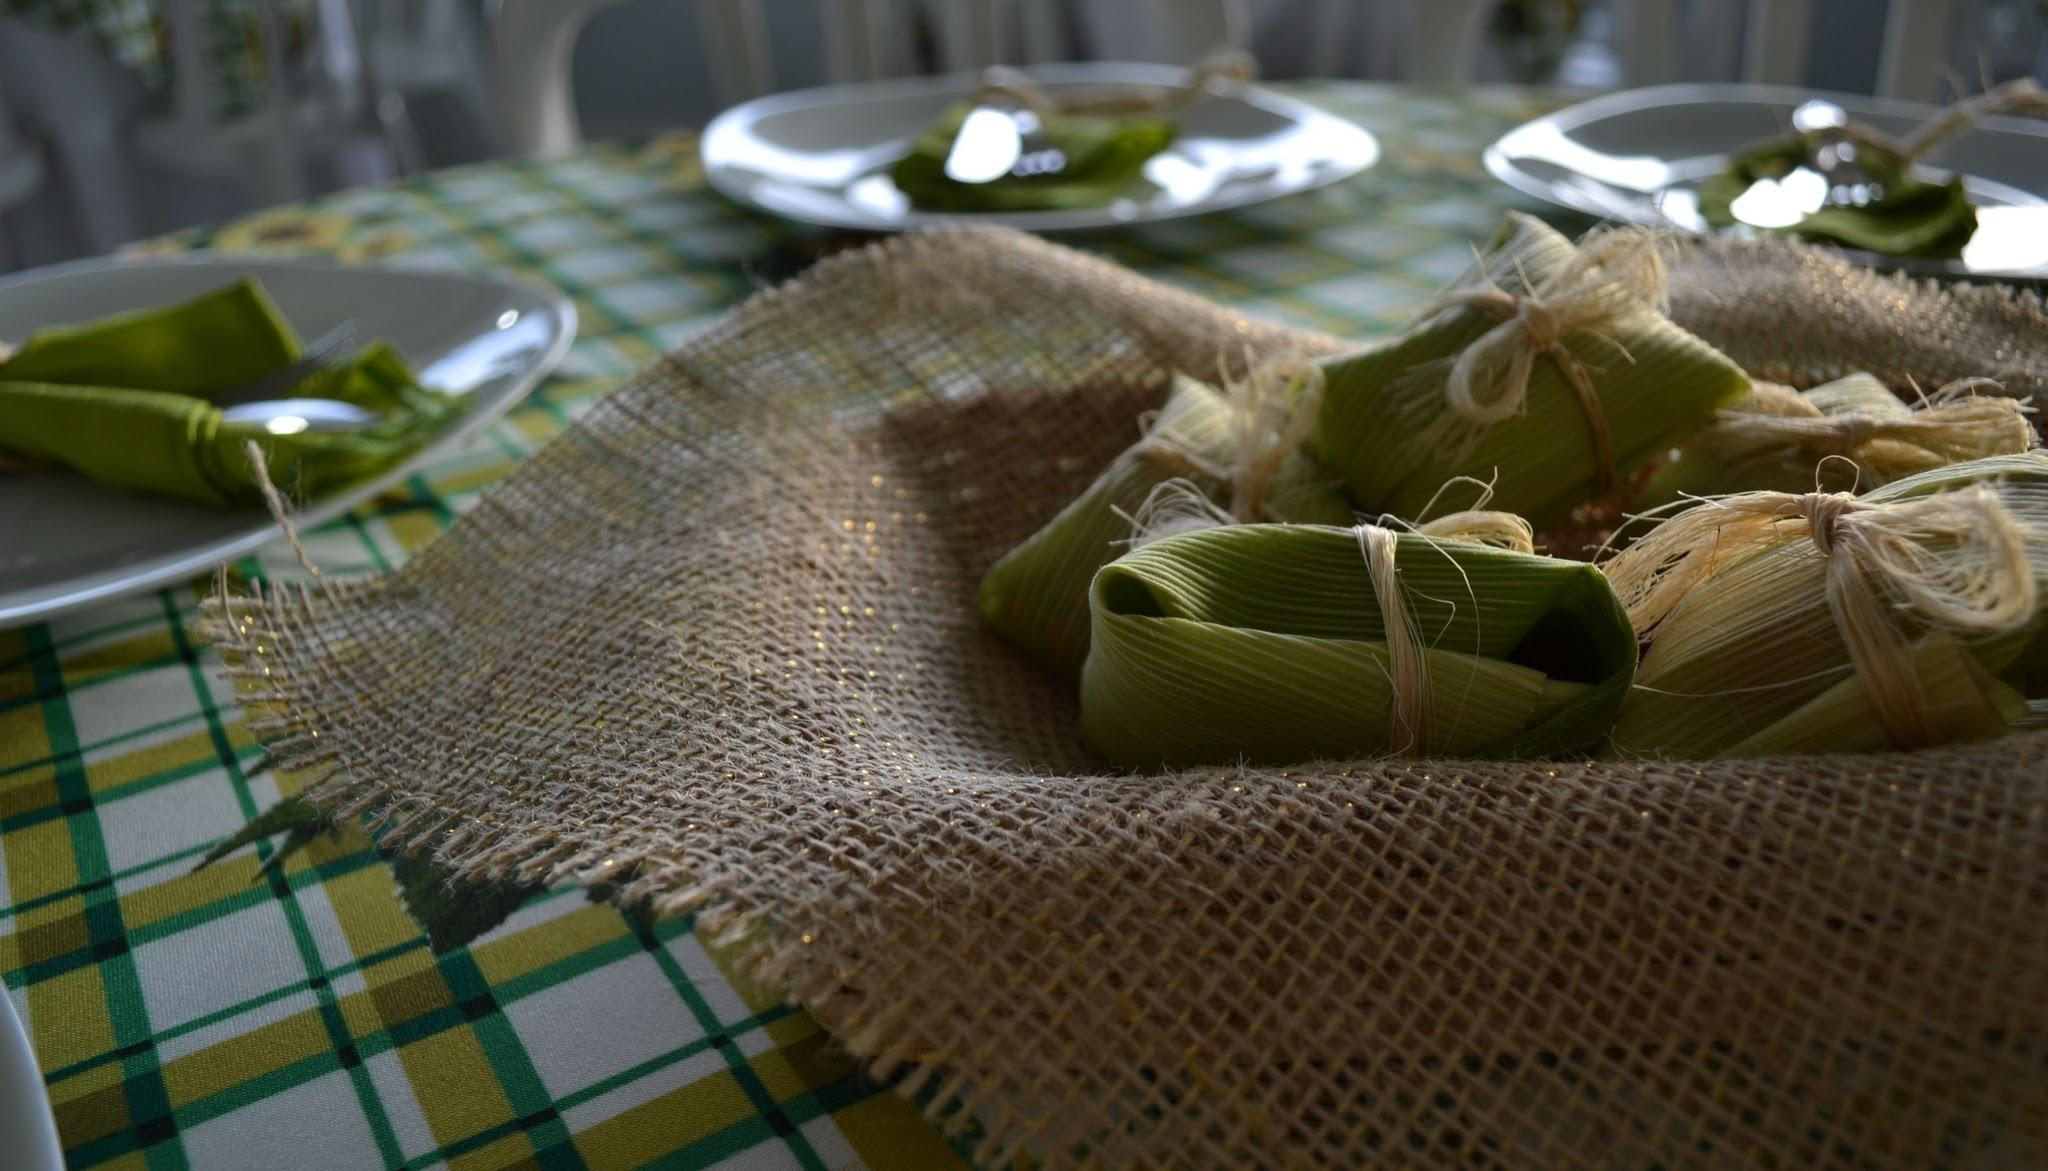 무료 이미지 : 표, 주방용 칼, 식물, 꽃, 식품, 녹색, 생기게 하다 ...